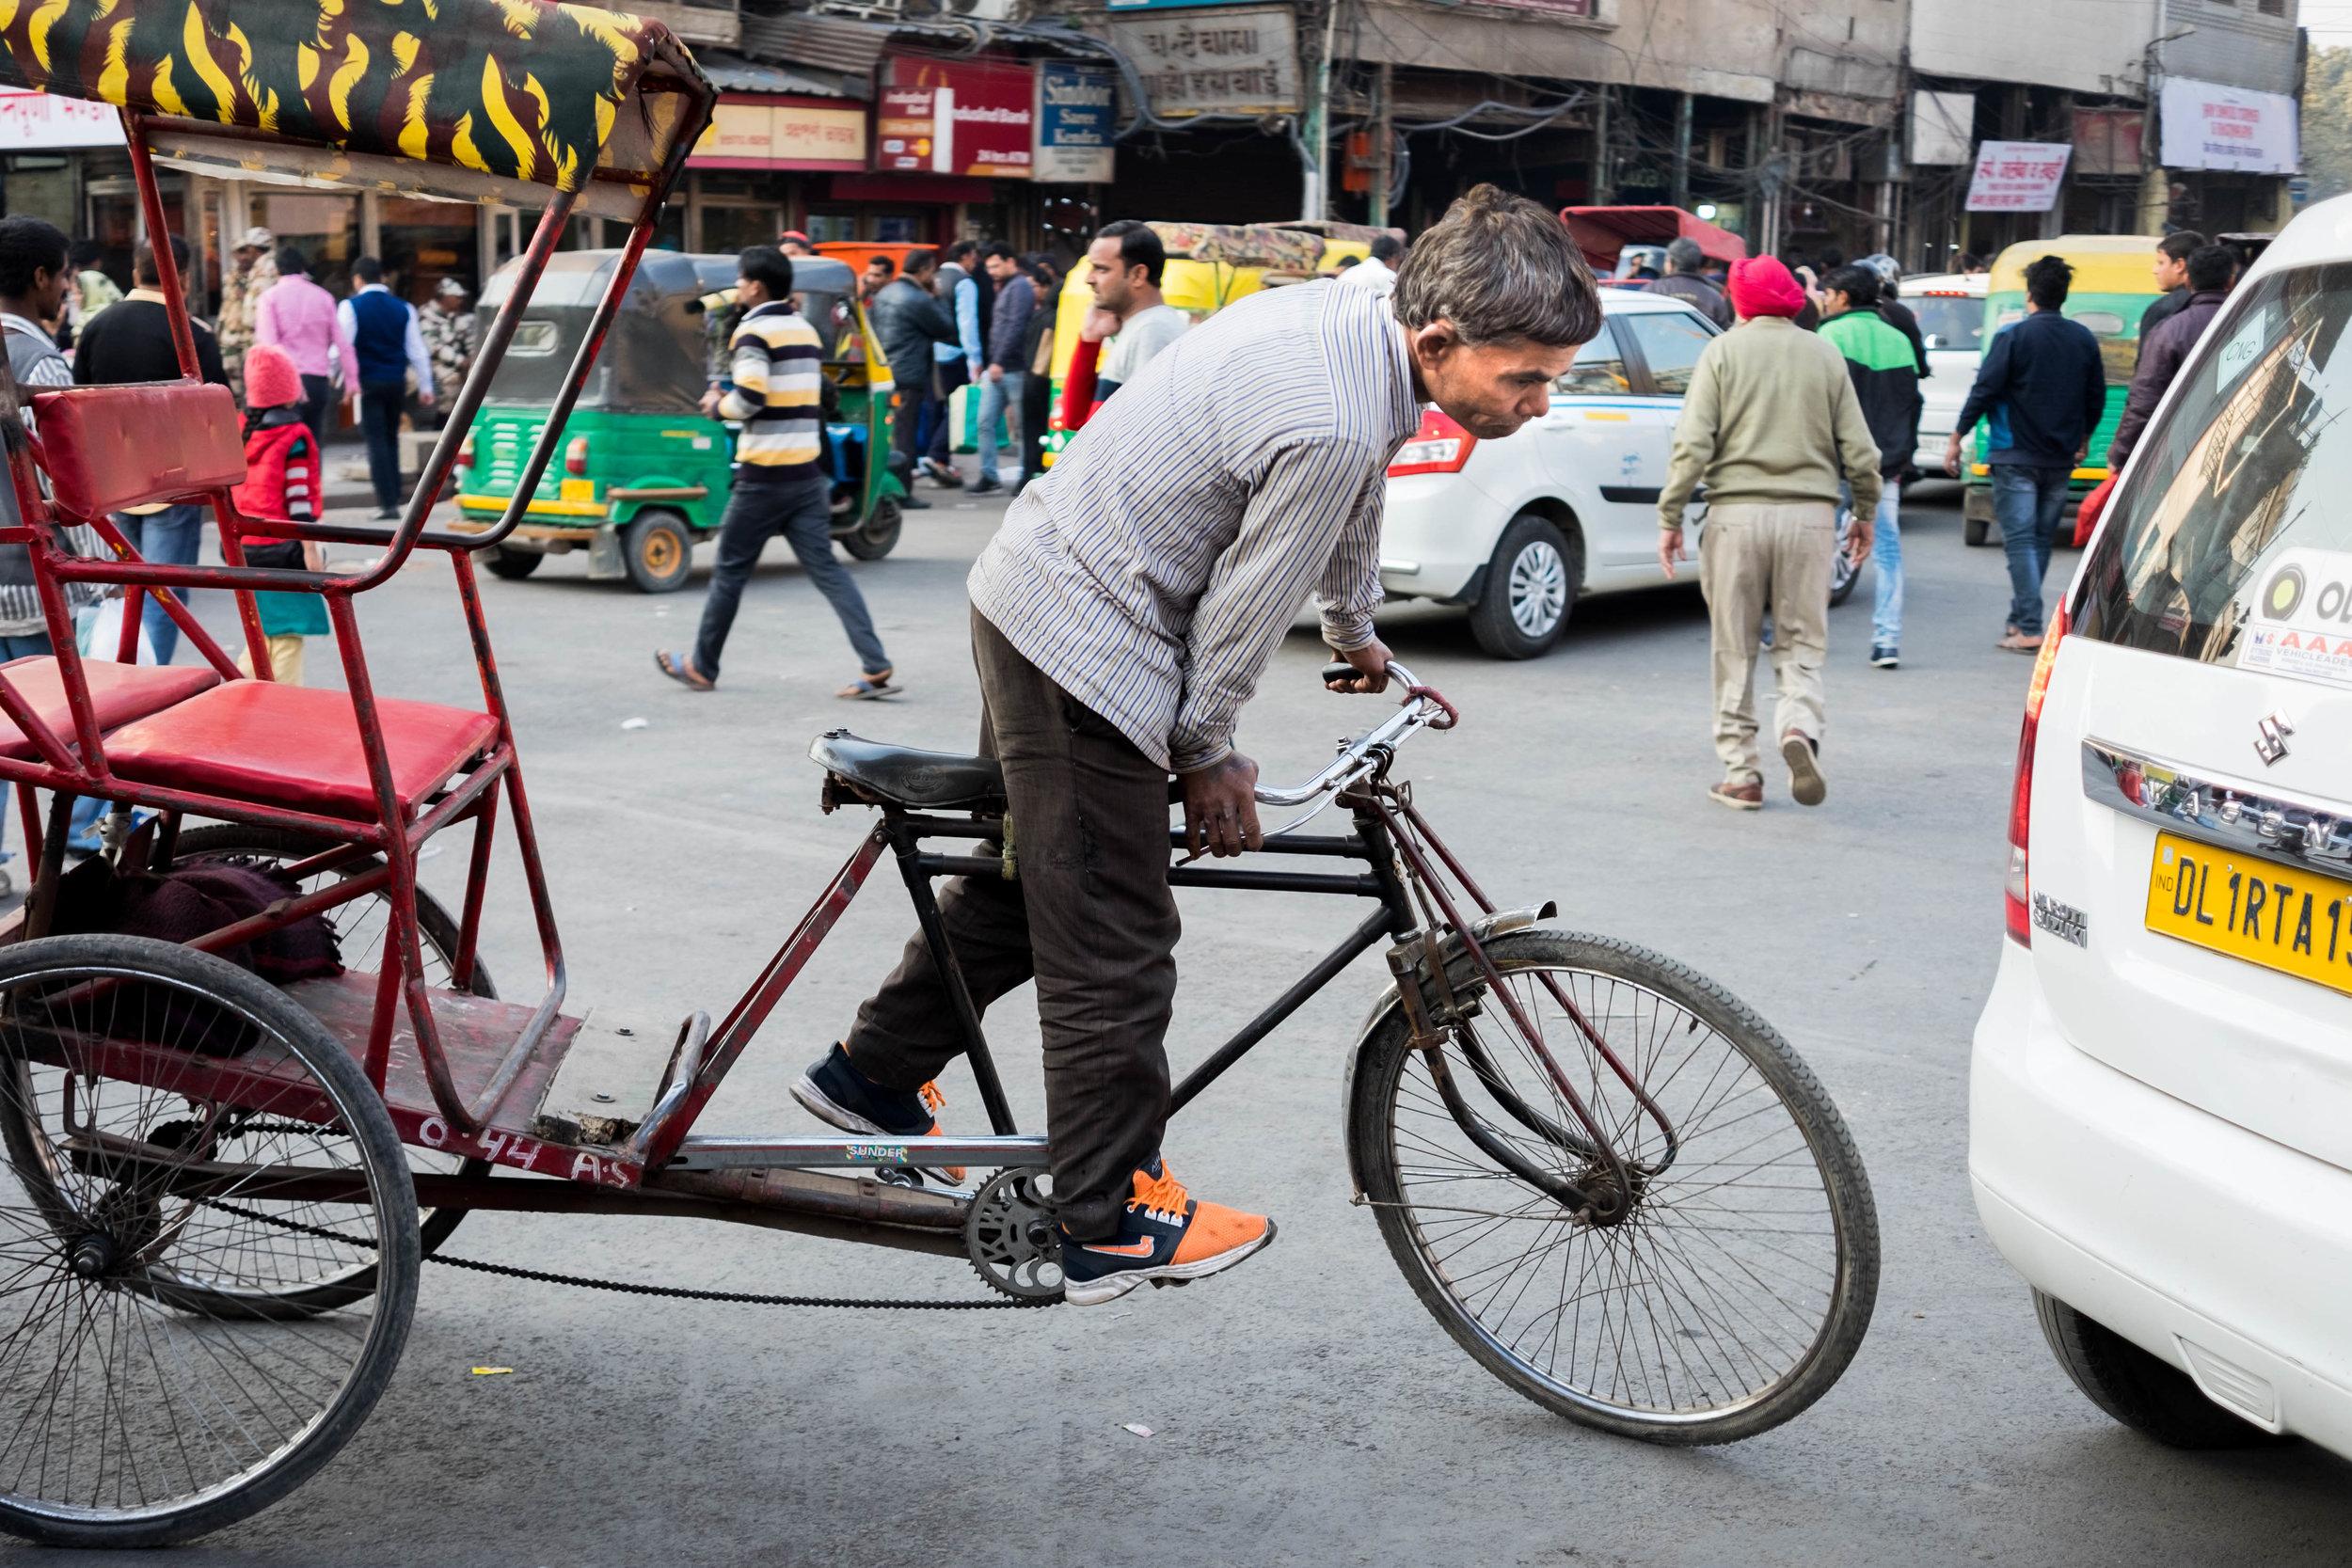 Rikschafahren in Delhi - eine Herausforderung